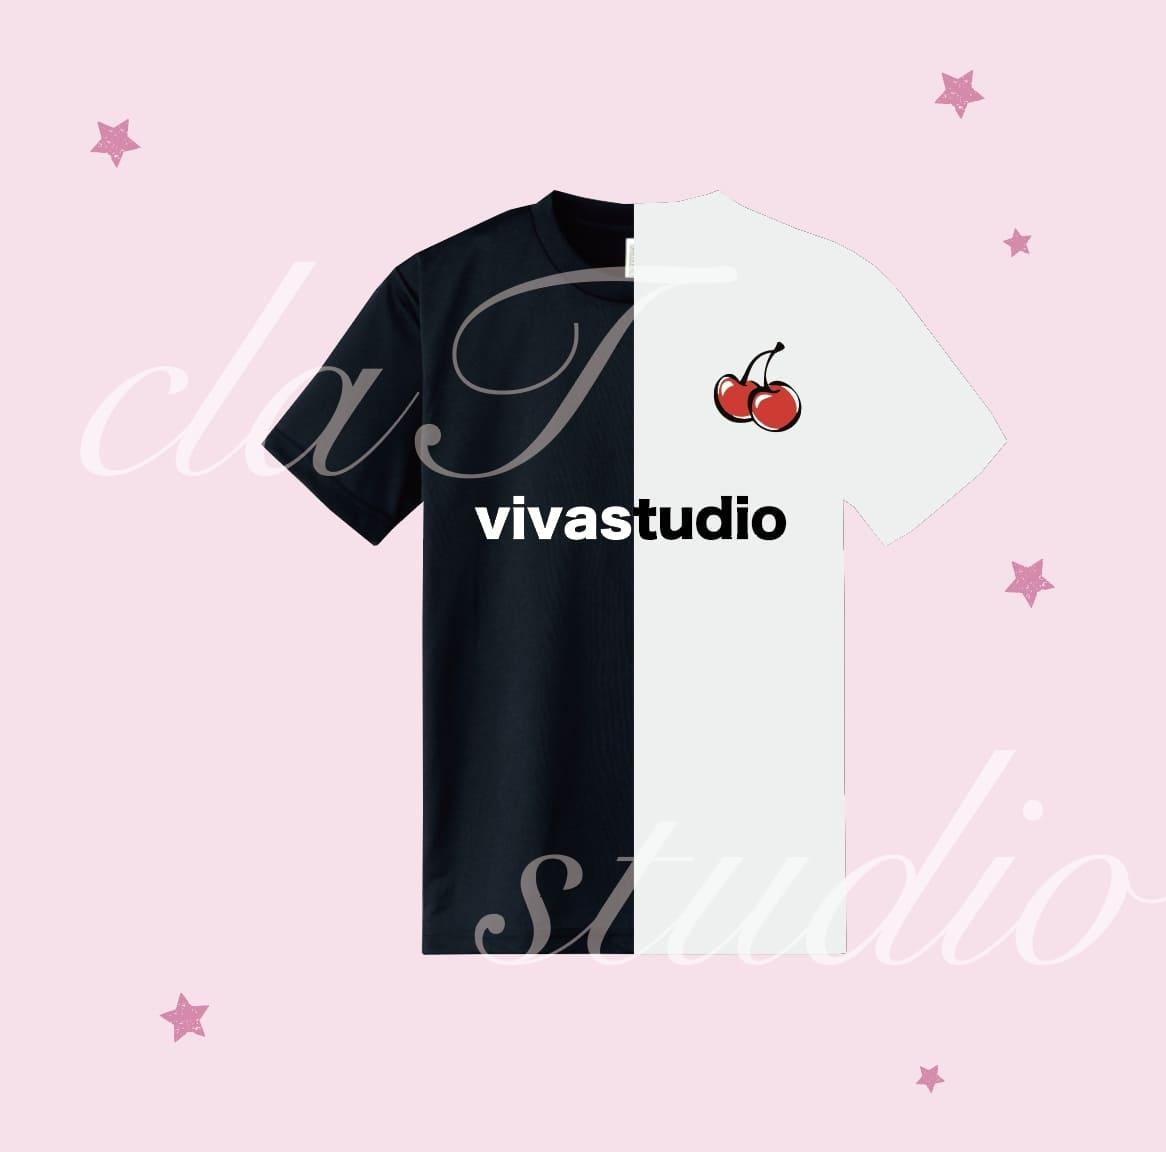 VIVASTUDIO_design_0001